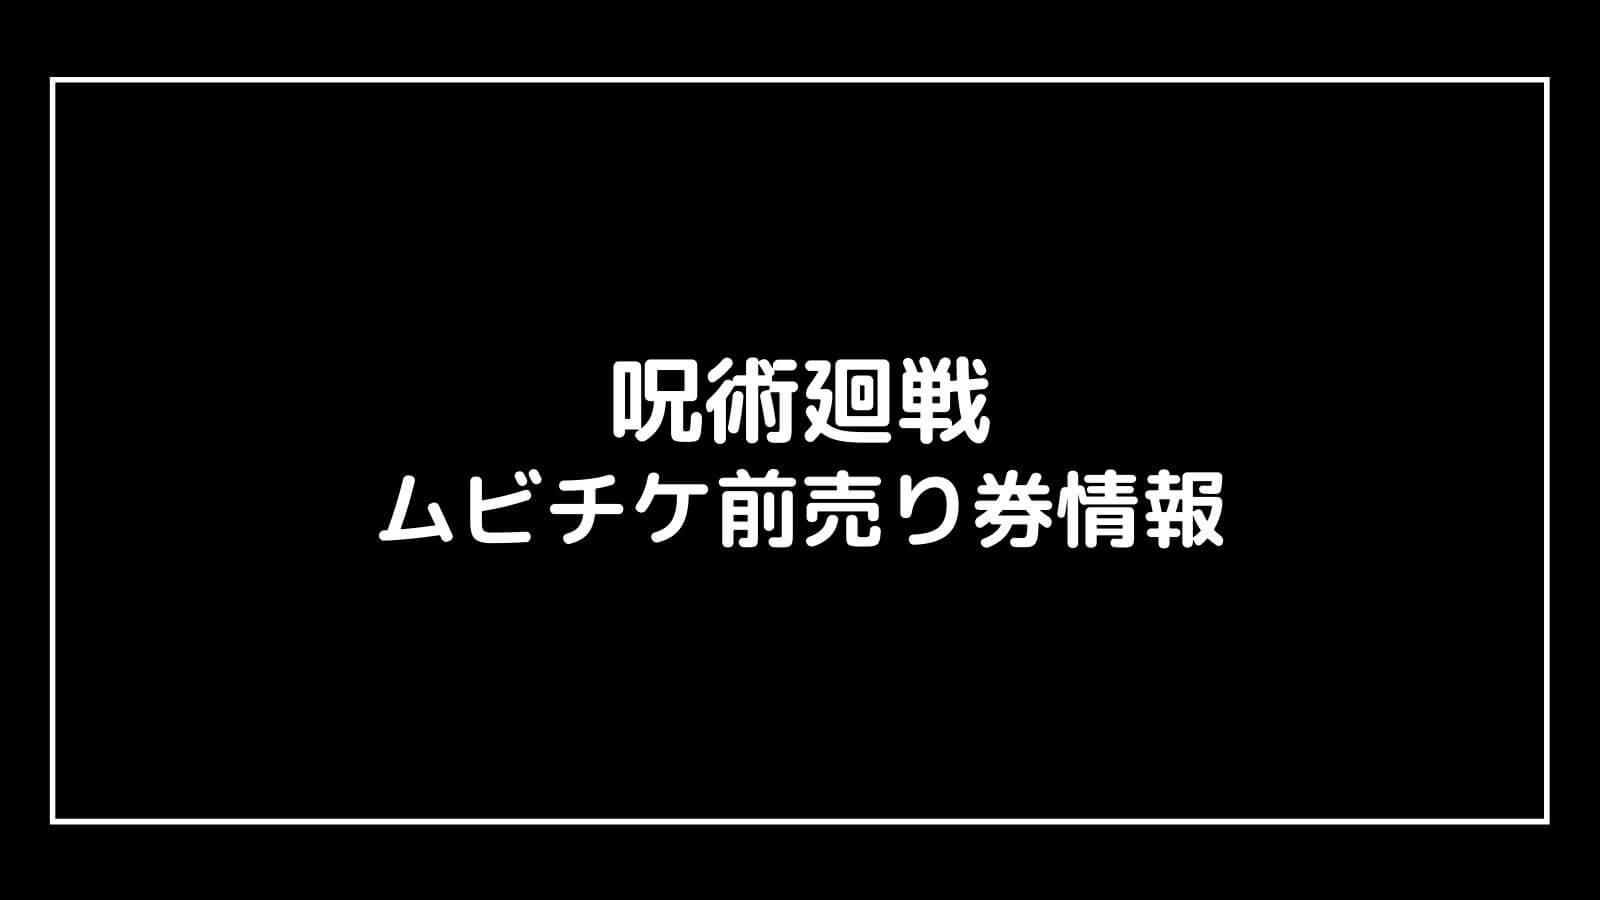 映画『呪術廻戦0』特典付きムビチケ前売り券はいつ発売する?完売時期も予想